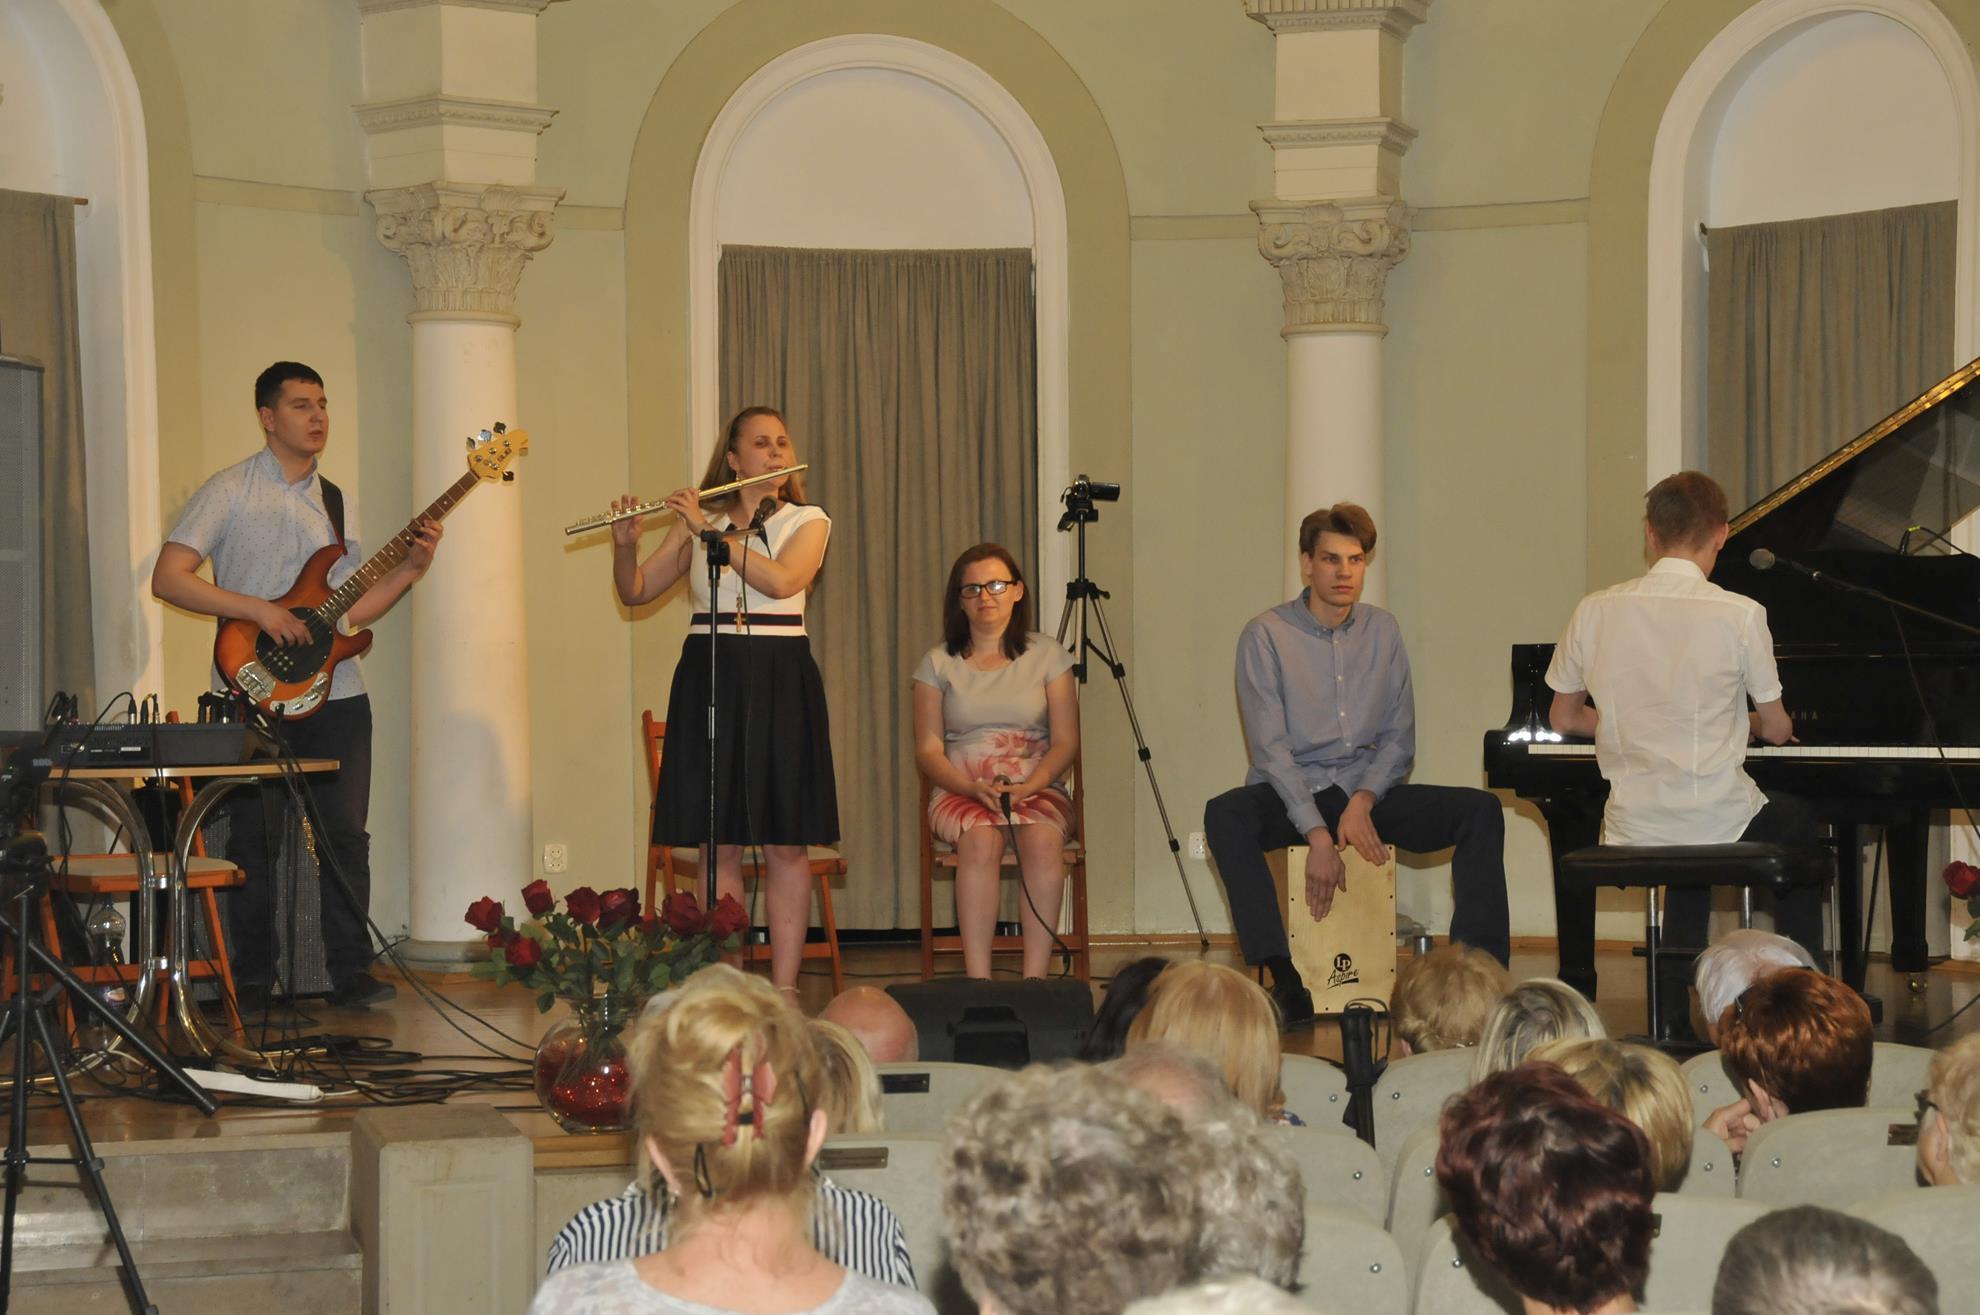 Kobieta gra na flecie poprzecznym. Po jej prawej stronie stoi mężczyzna, który gra na gitarze basowej, po lewej na krześle siedzi kobieta, która w dłoniach trzyma mikrofon, po jej lewej stronie mężczyzna gra na cahonie, obok niego mężczyzna gra na fortepianie.